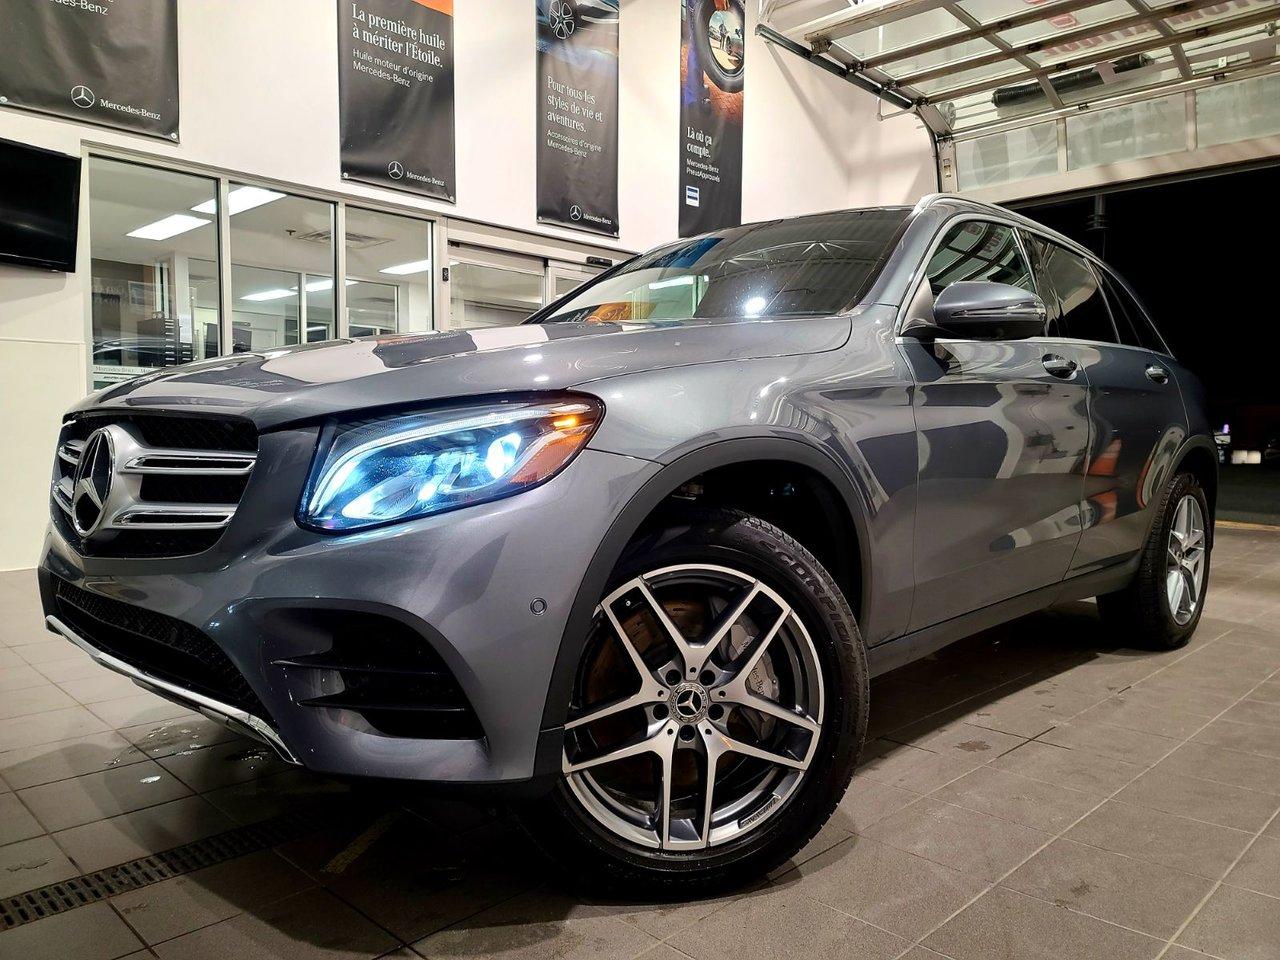 2019 Mercedes-Benz  GLC300 - $830.58/Mois 36M 0$ Comptant!